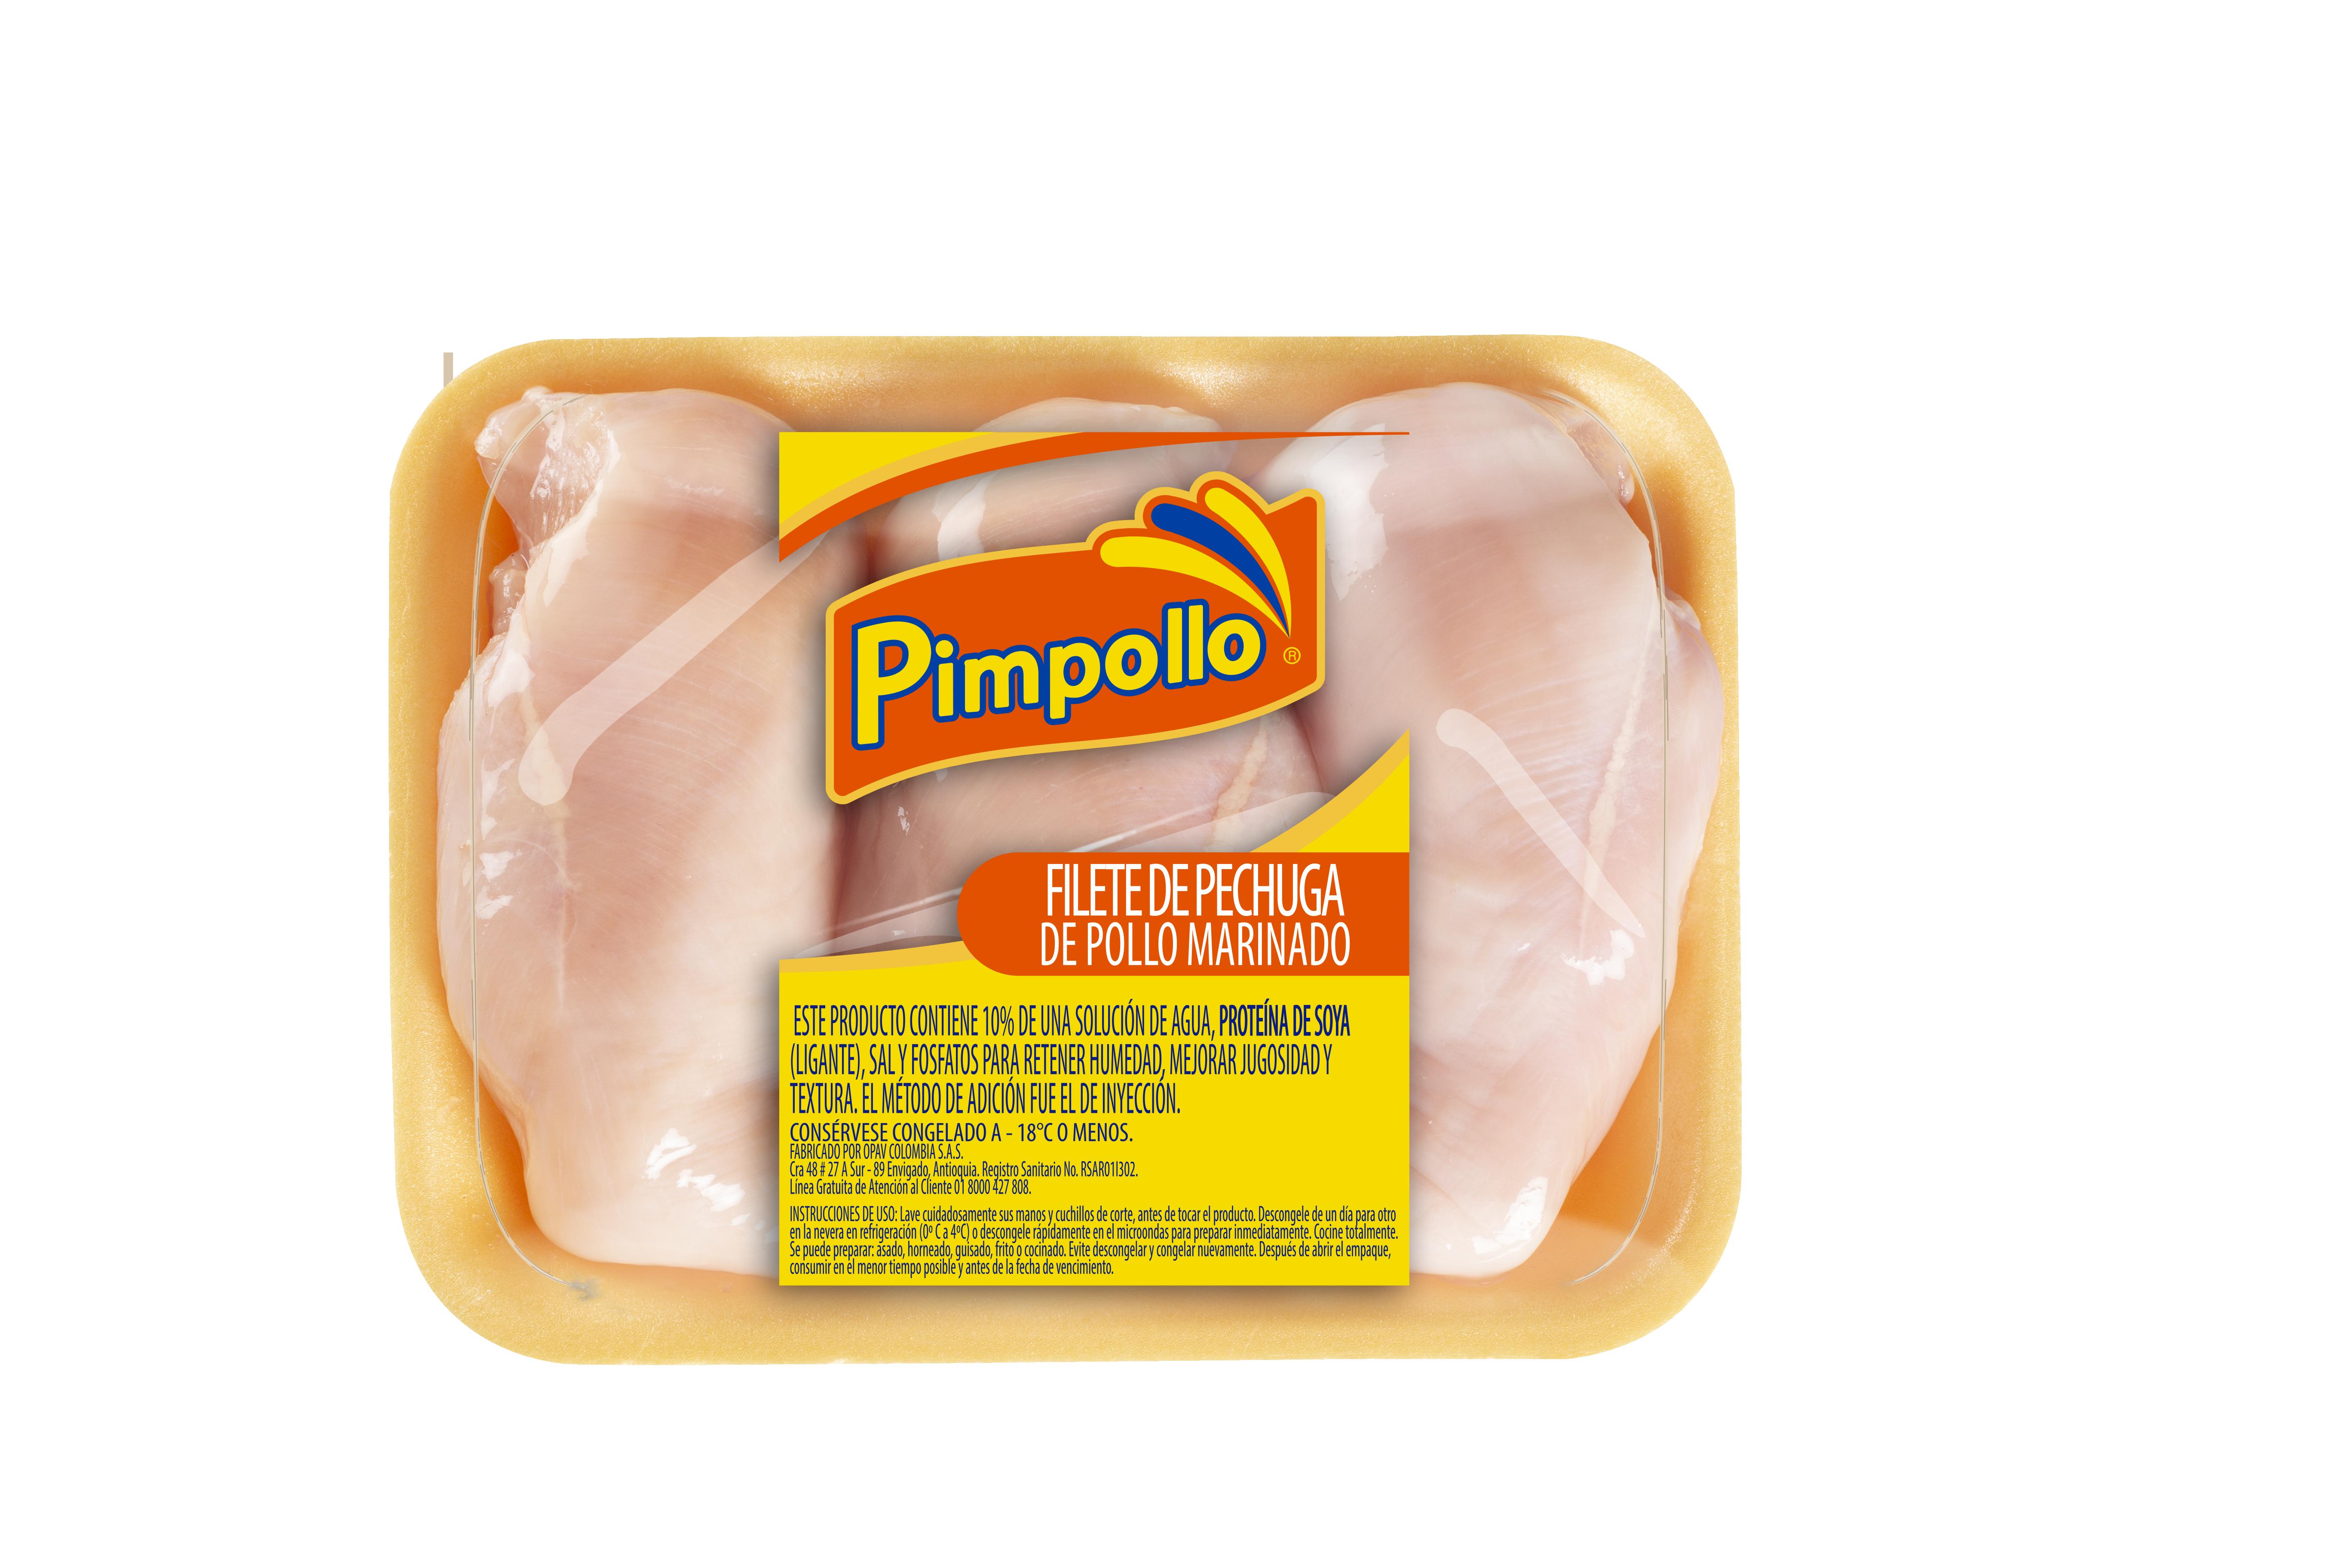 Filete de Pechuga Pimpollo x 500g